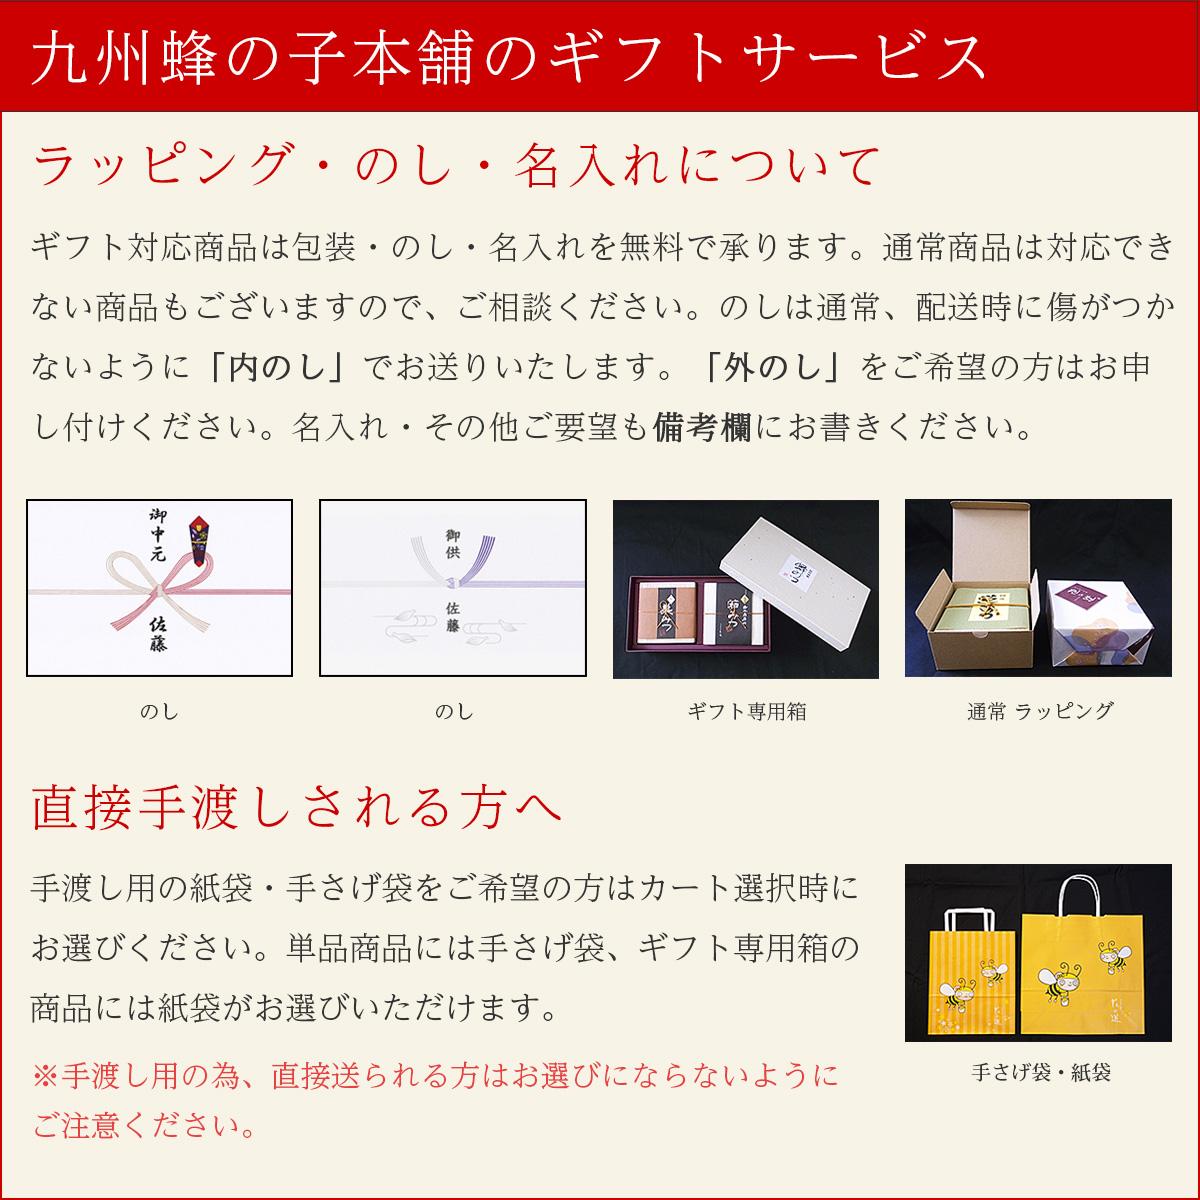 九州蜂の子本舗のギフトサービス